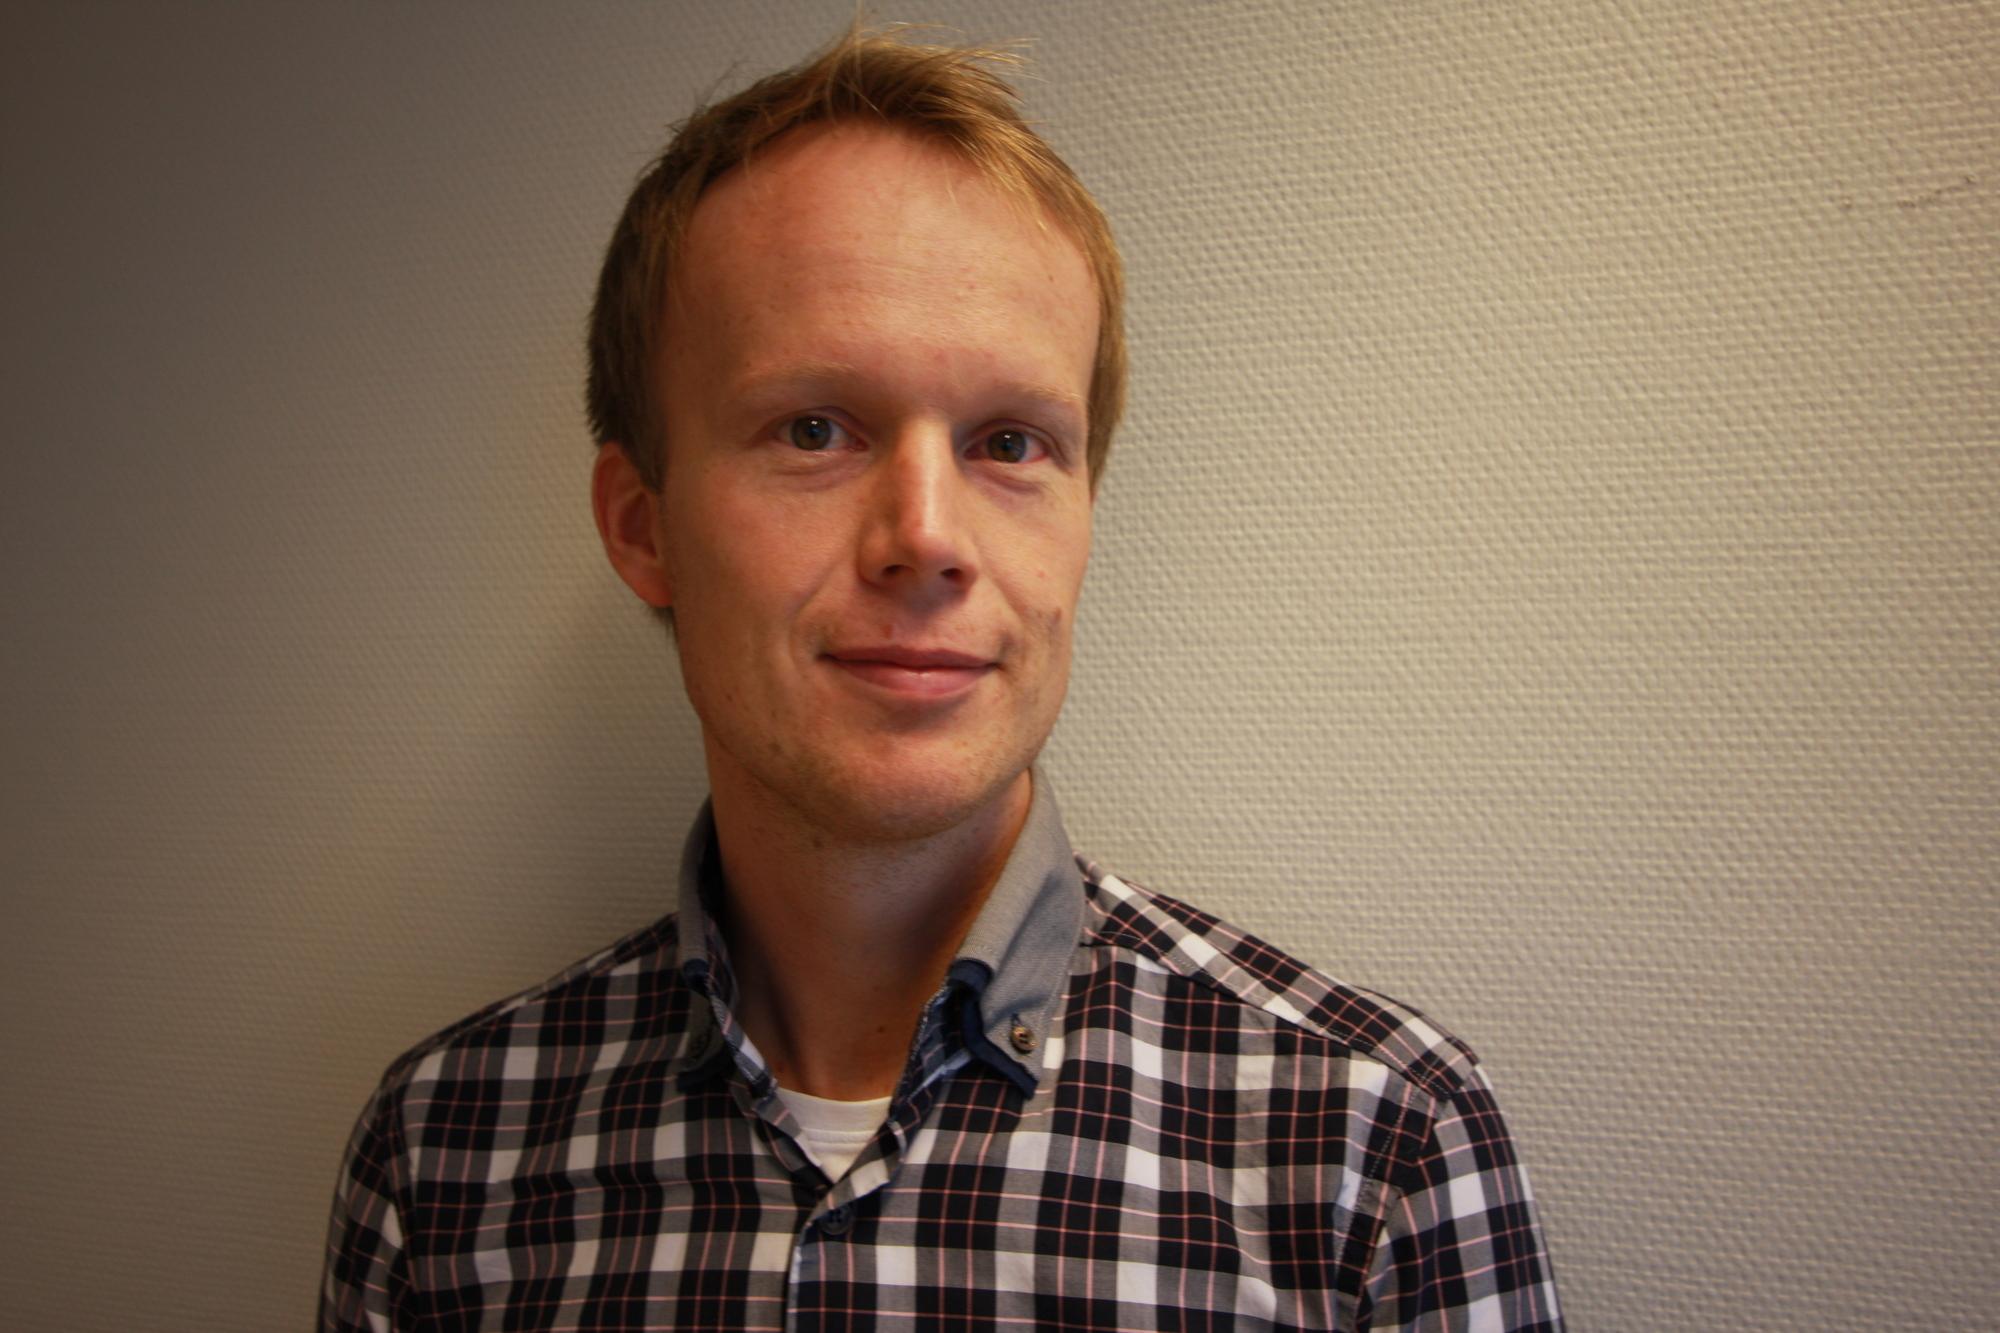 Eirik Haagensen_3888x2592_2000x1800.jpg